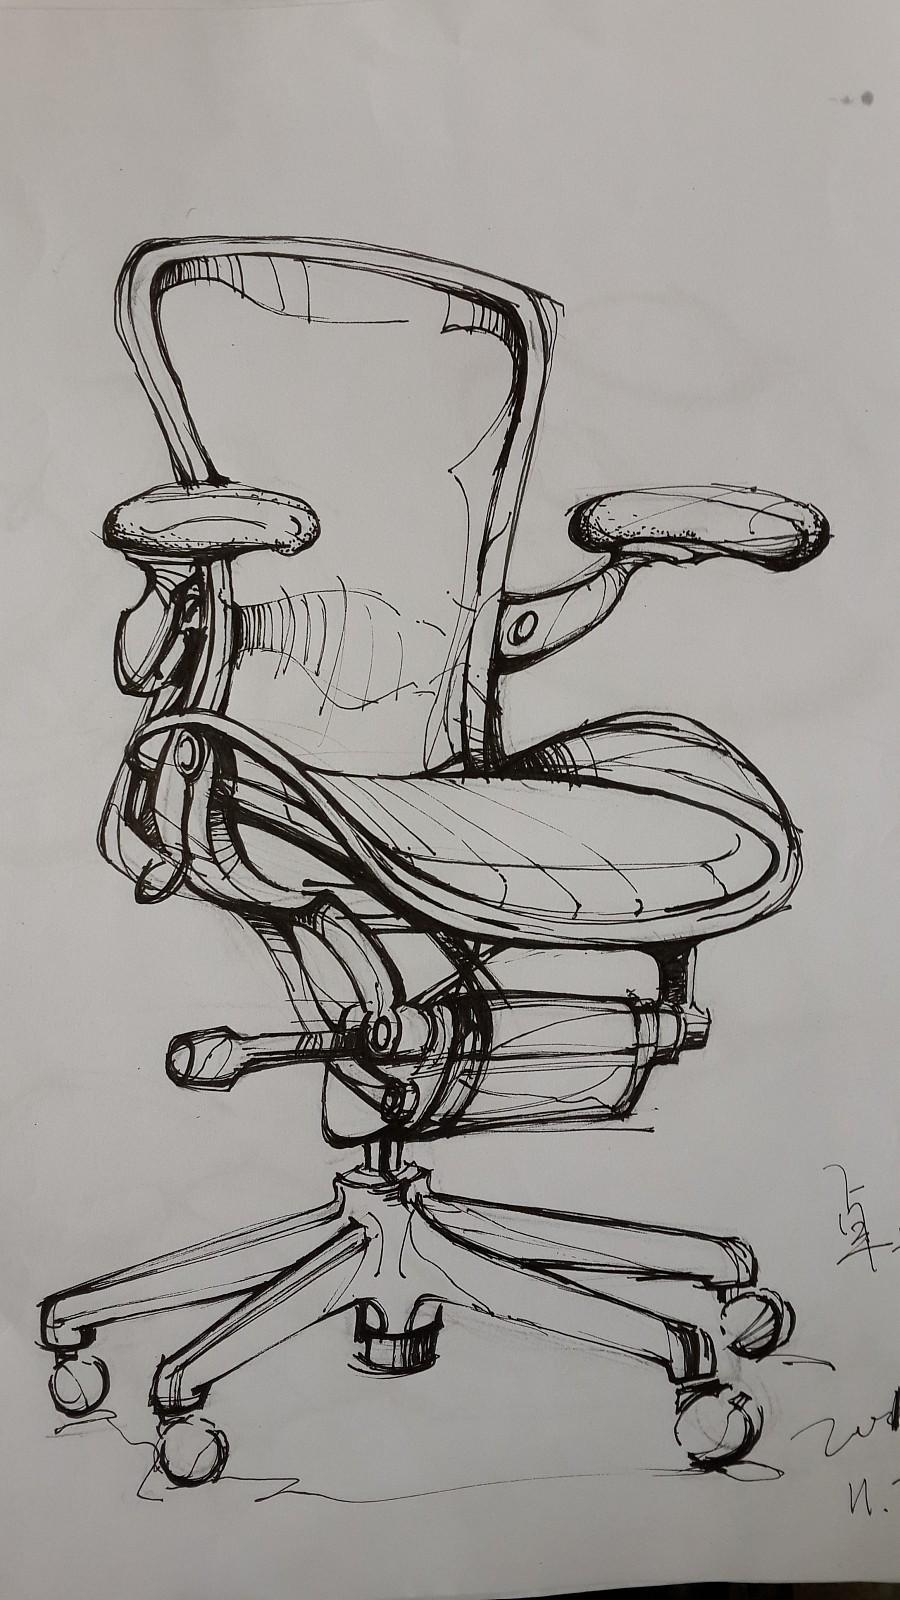 产品手绘|其他产品|工业/产品|joans